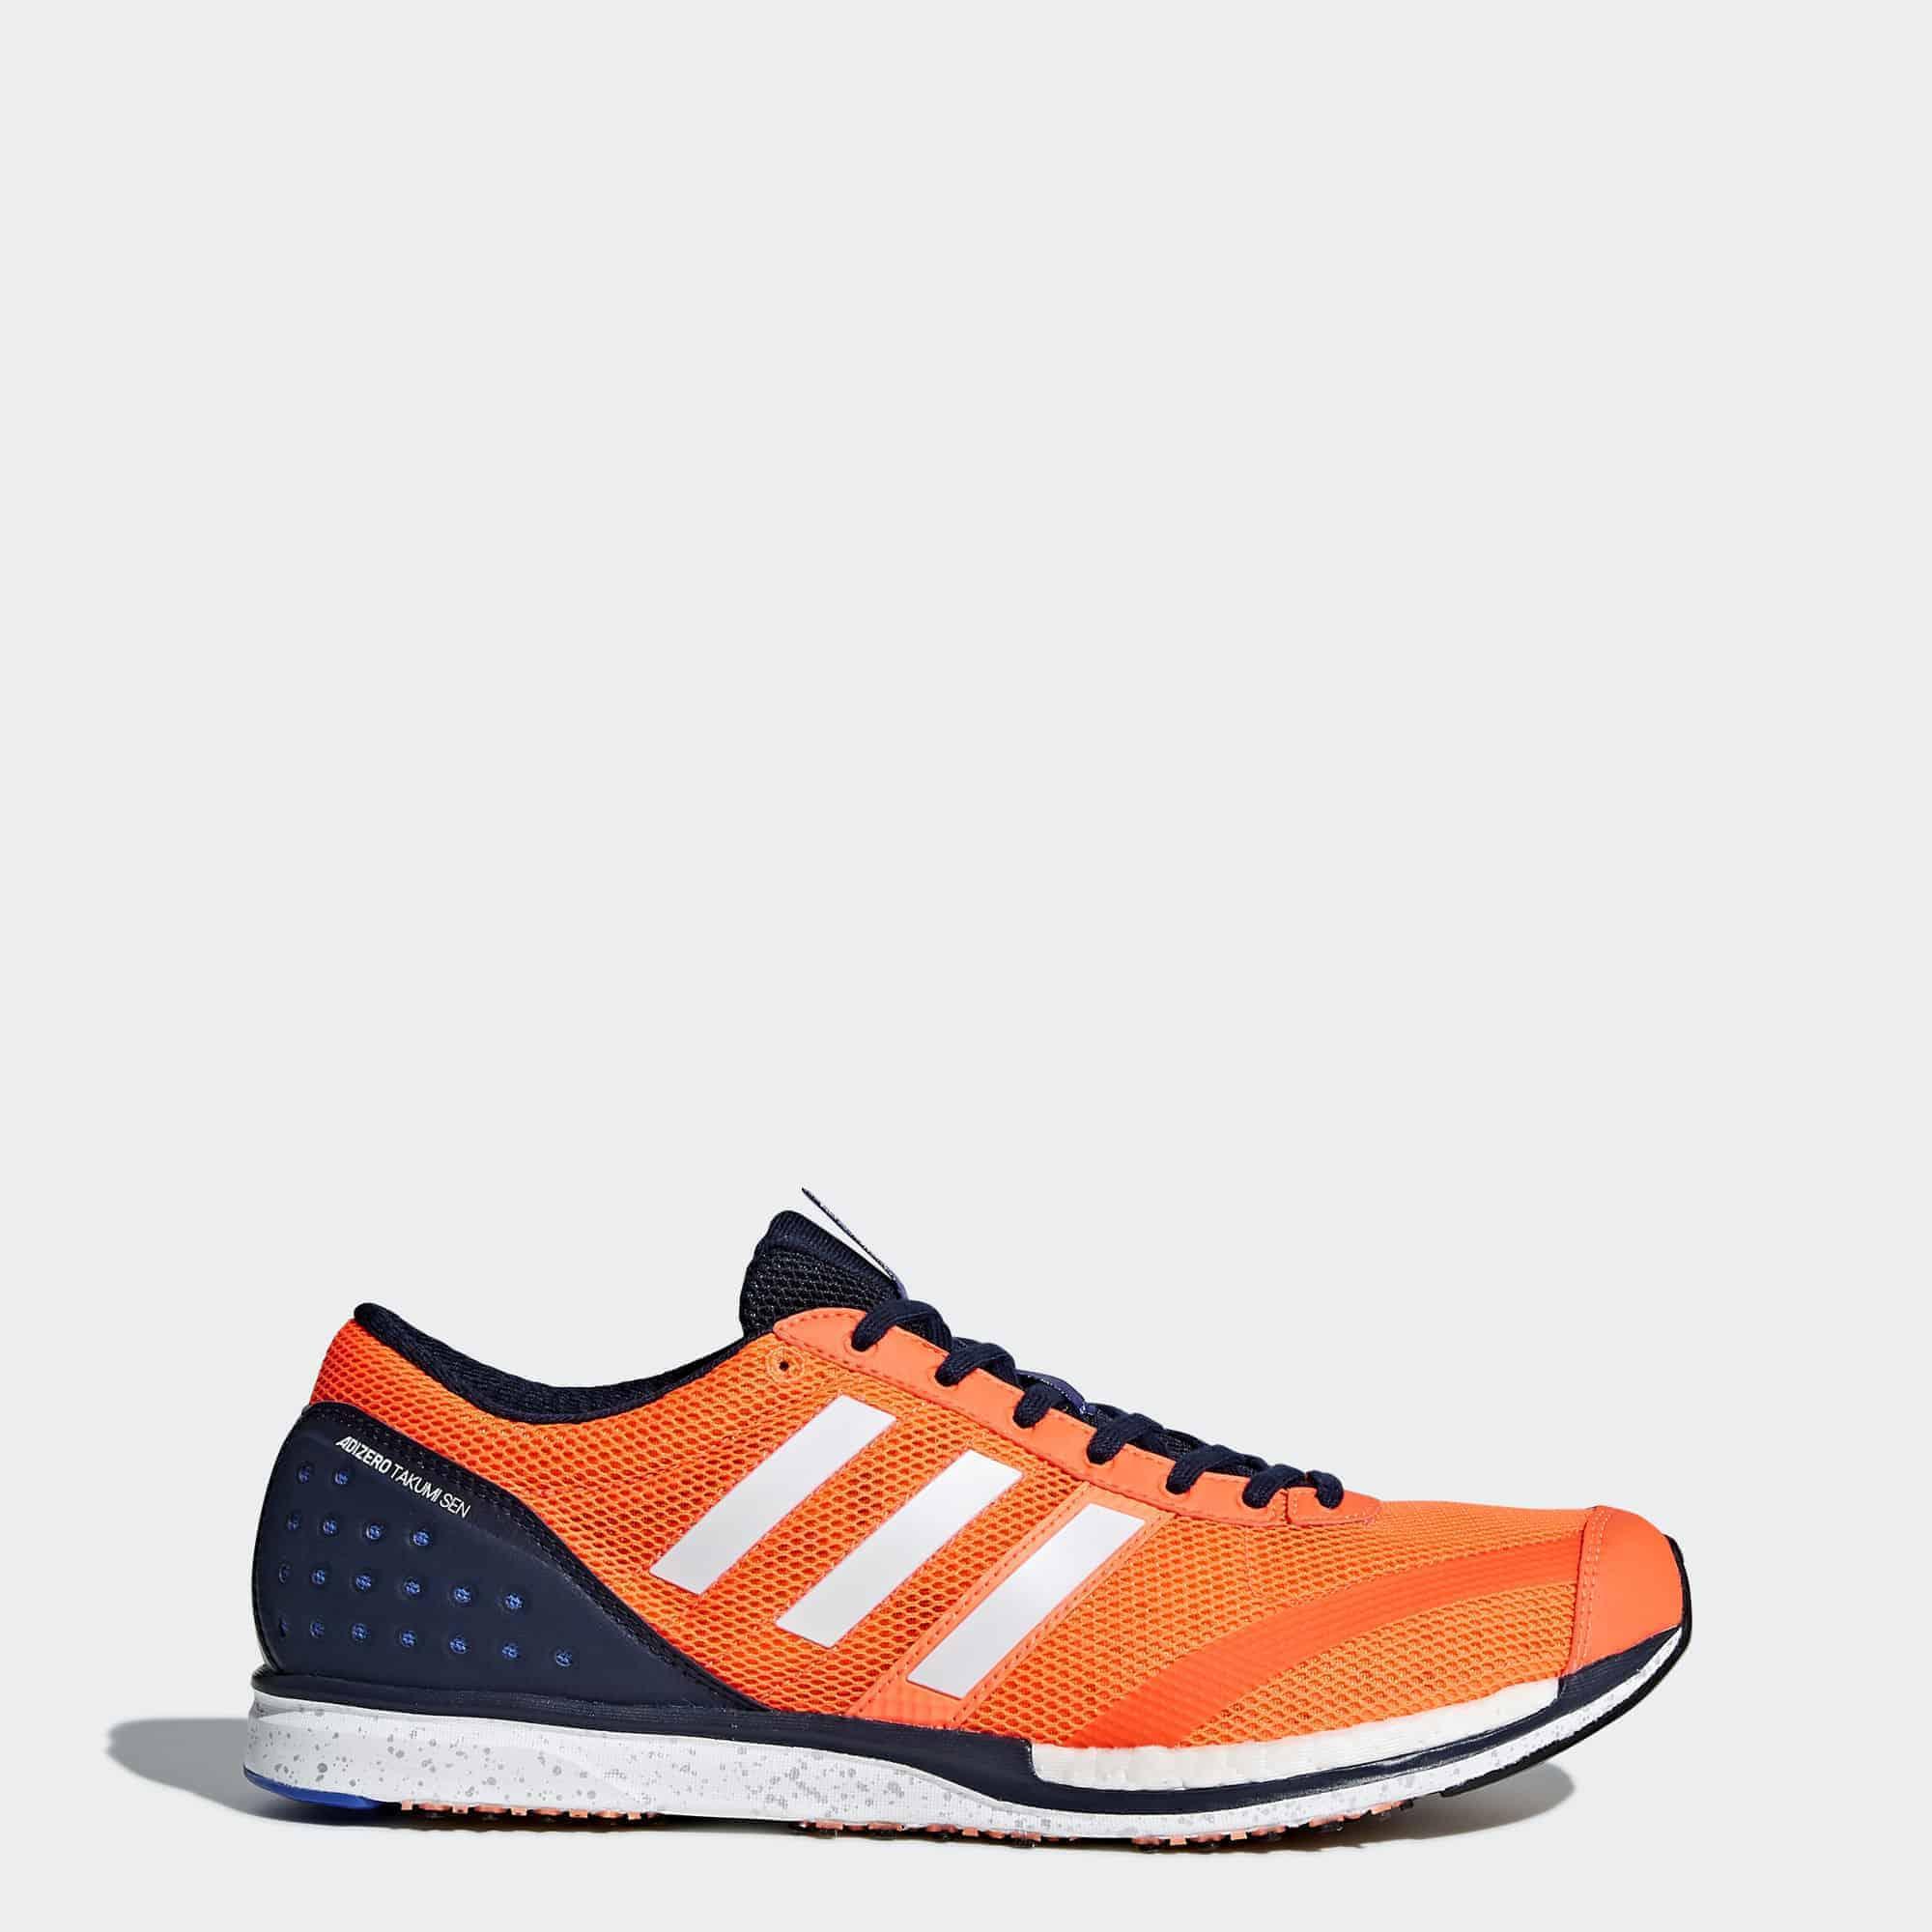 Кроссовки для бега Adidas Adizero Takumi Sen 3 мужские